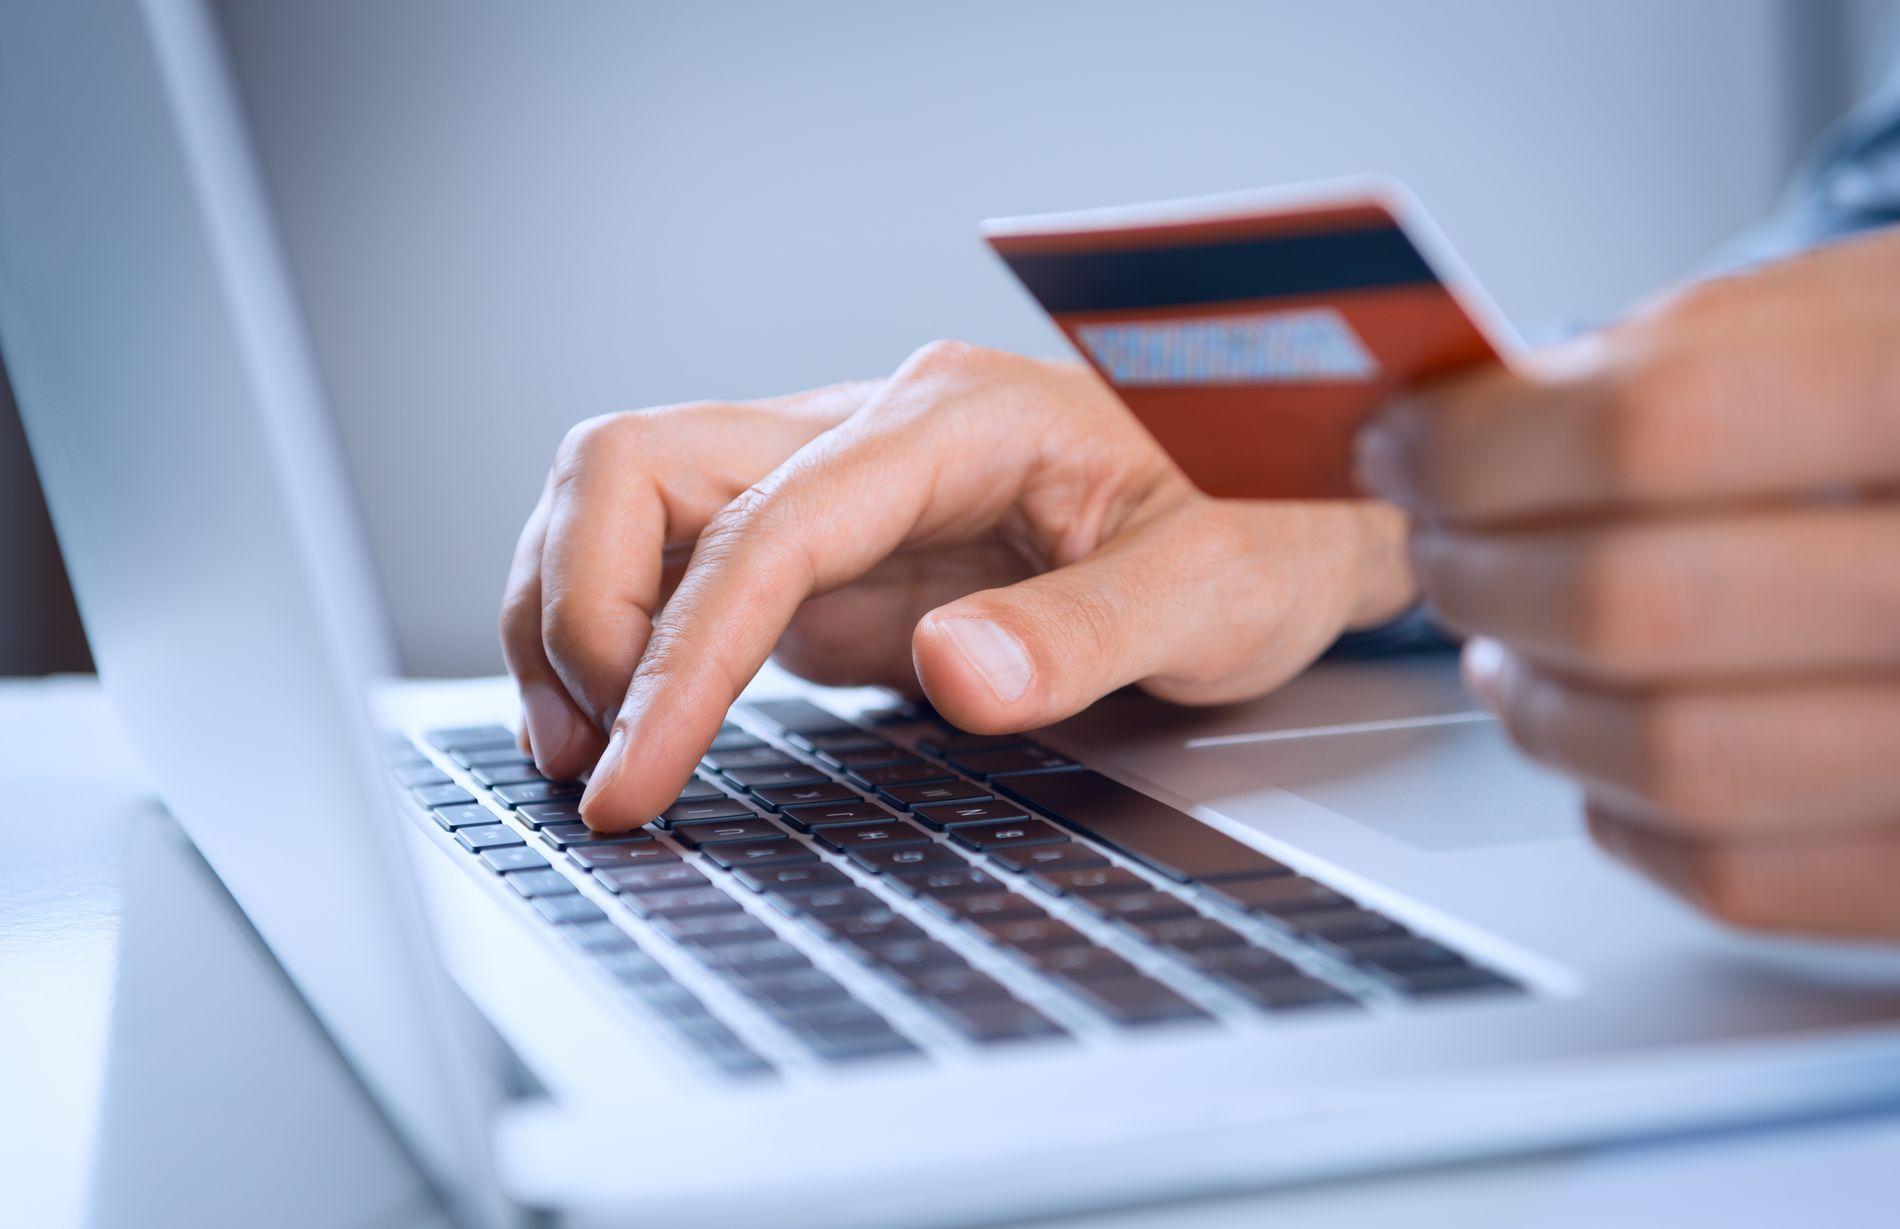 ØKER I OMFANG: Også landets to største banker bekrefter nå at de har kunder som er rammet av sikkerhetsbruddet hos betalingen i en populær nettbutikk.